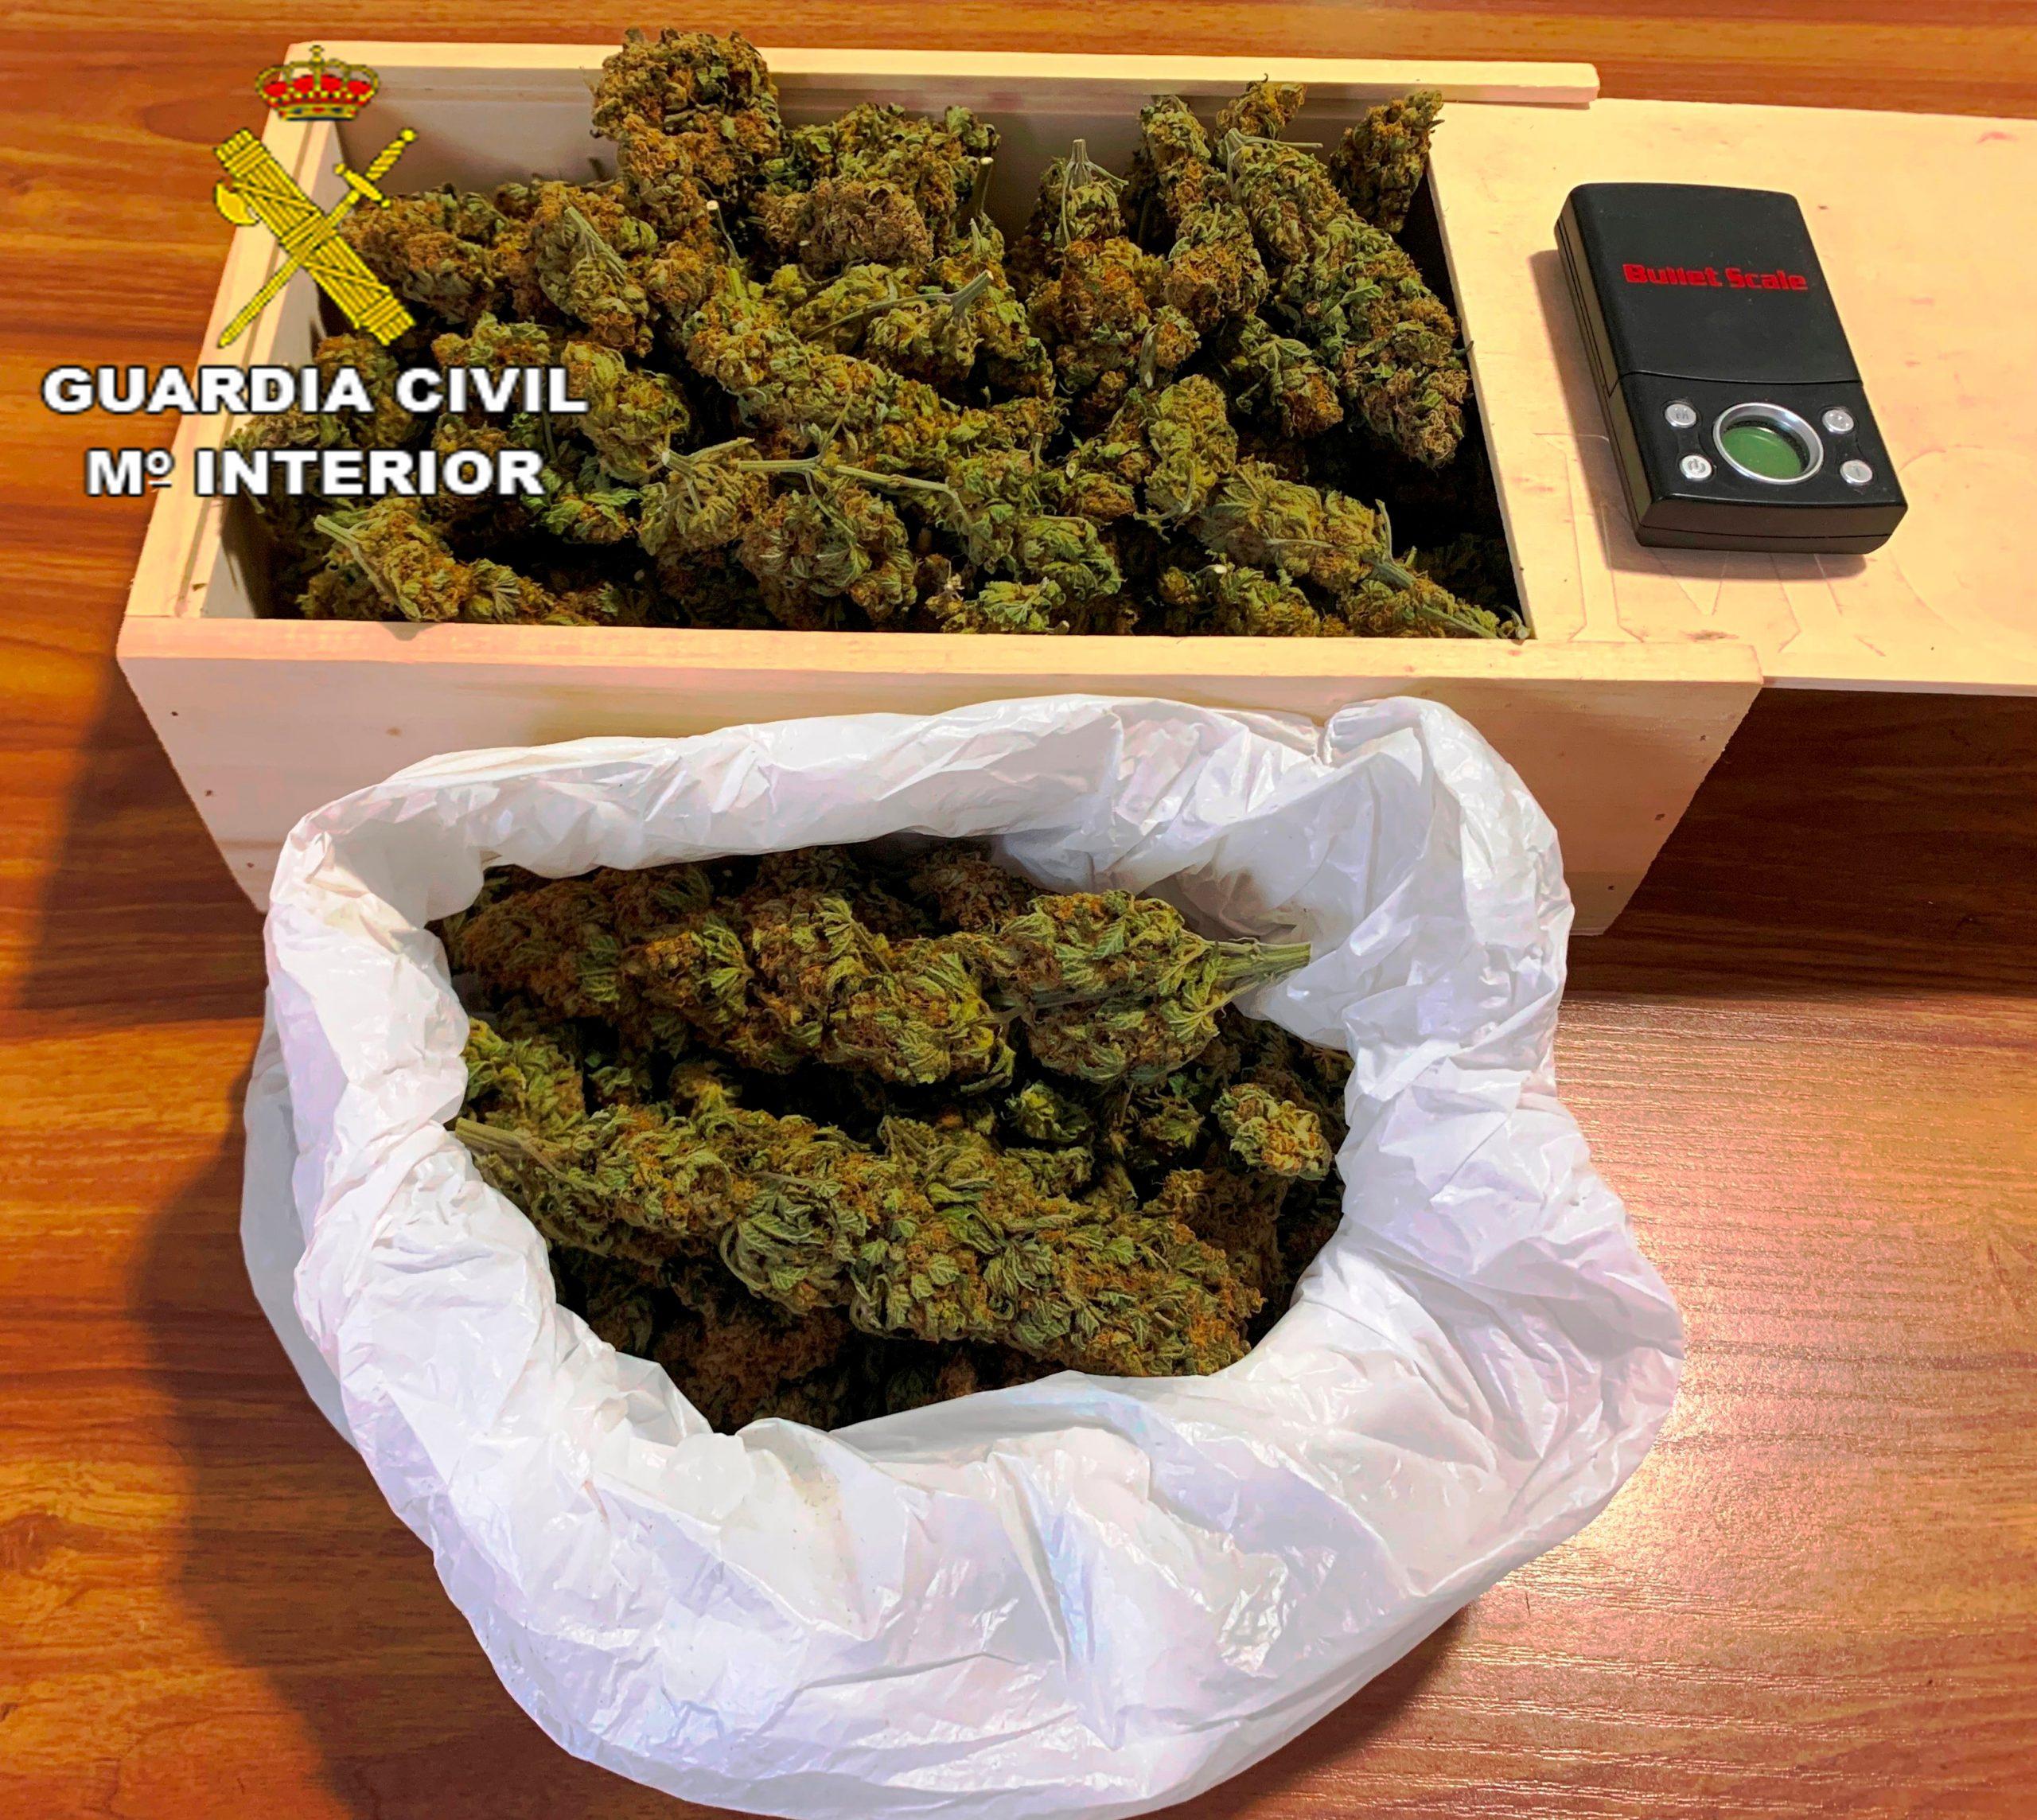 La Guardia Civil de Benicàssim detiene a un hombre por un presunto delito de venta de drogas